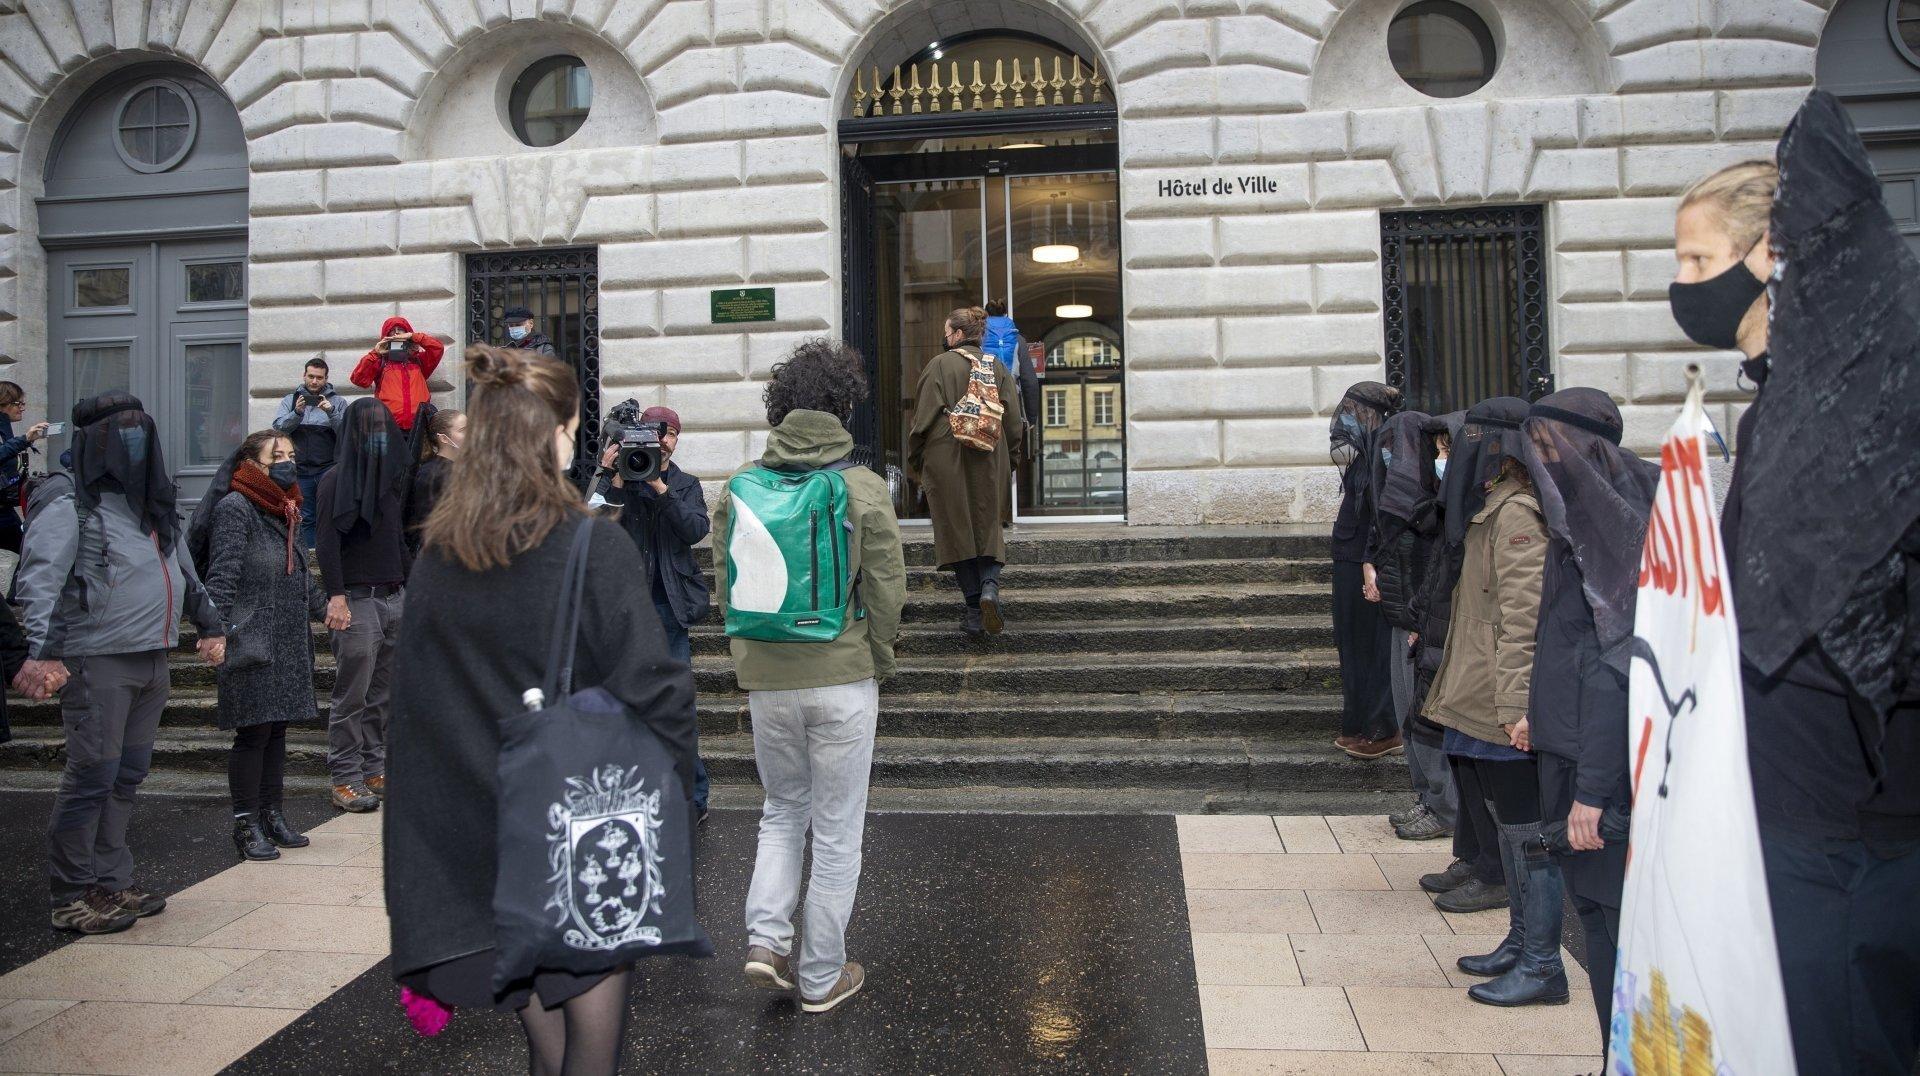 «Le contrat social est rompu», plaide un militant lors du procès d'Extinction Rebellion à Neuchâtel